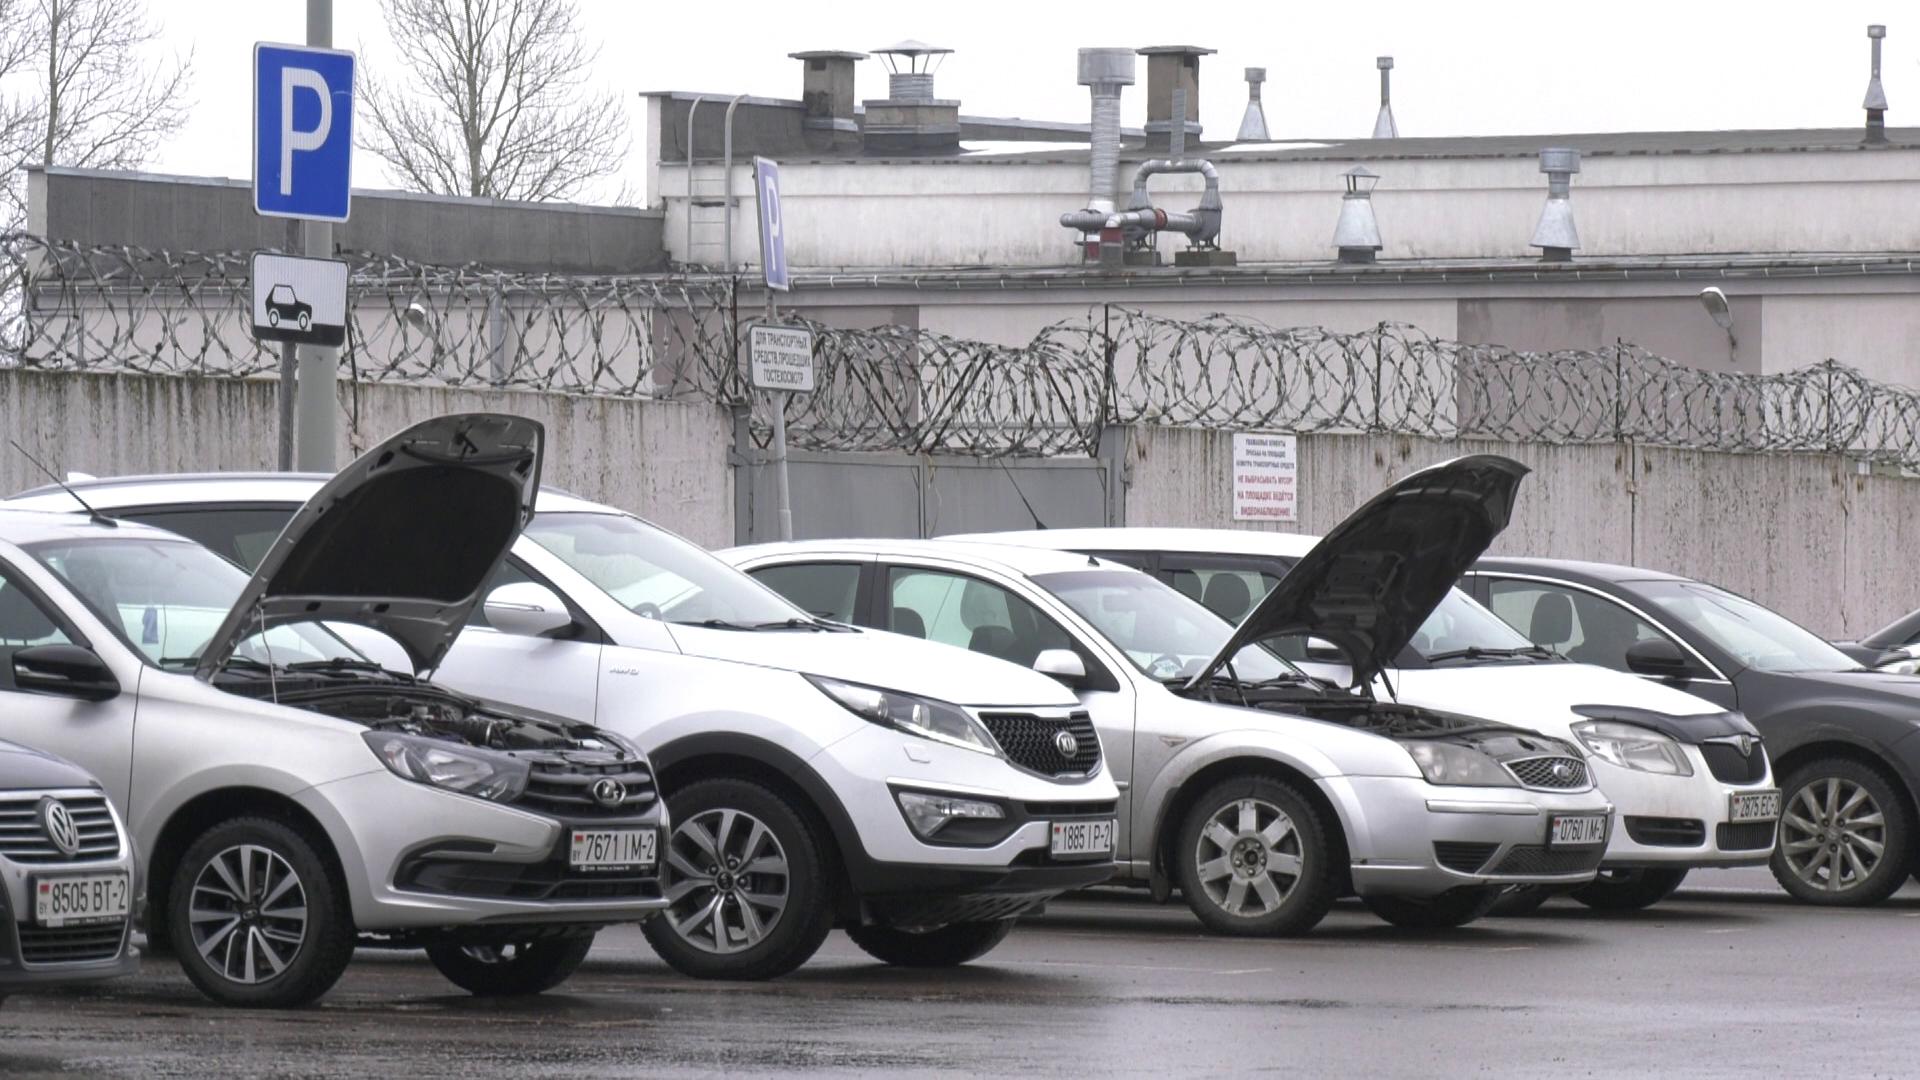 tehosmotr - Транспортный налог вместо дорожного сбора. Как это работает? (видео)